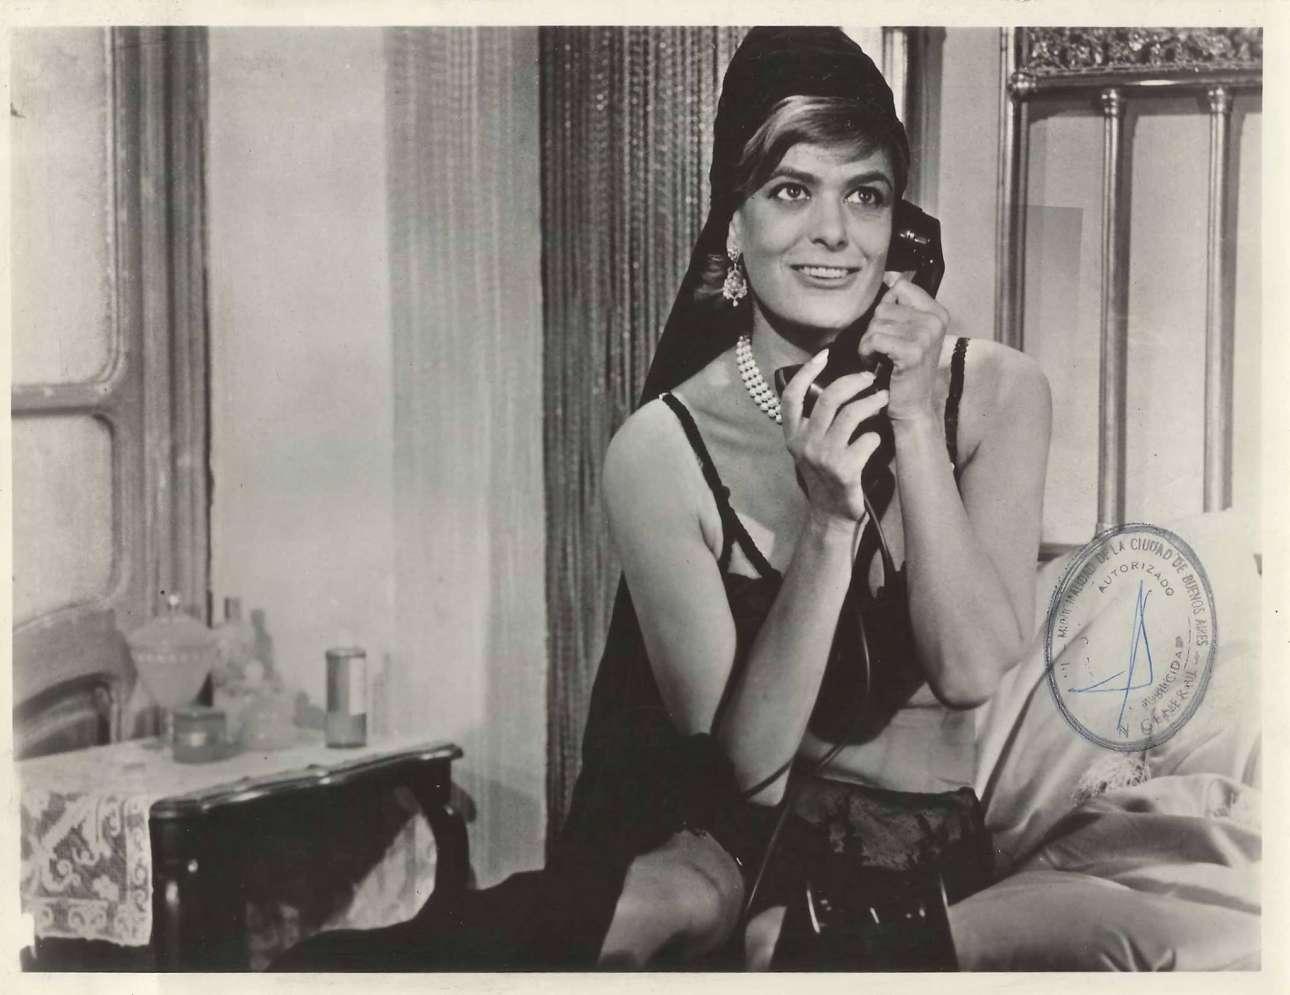 Στο «Ραντεβού στη Λισσαβώνα» (1966) των Ρόναλντ Νιμ και Κλιφ Οουεν